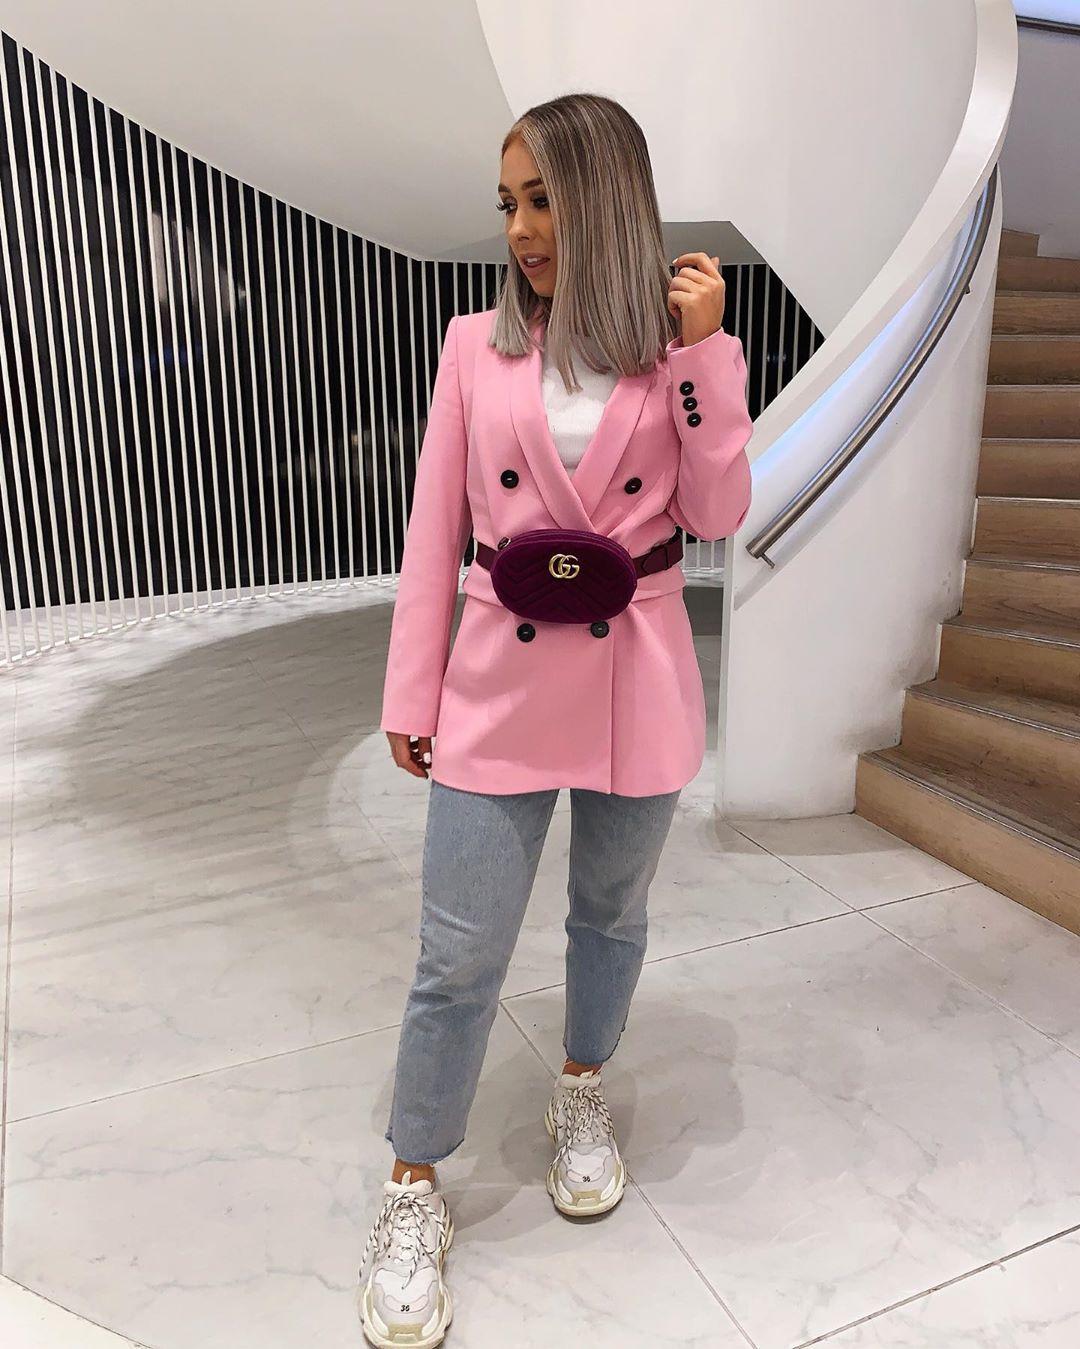 crossover breasted jacket de Zara sur nataliakurda